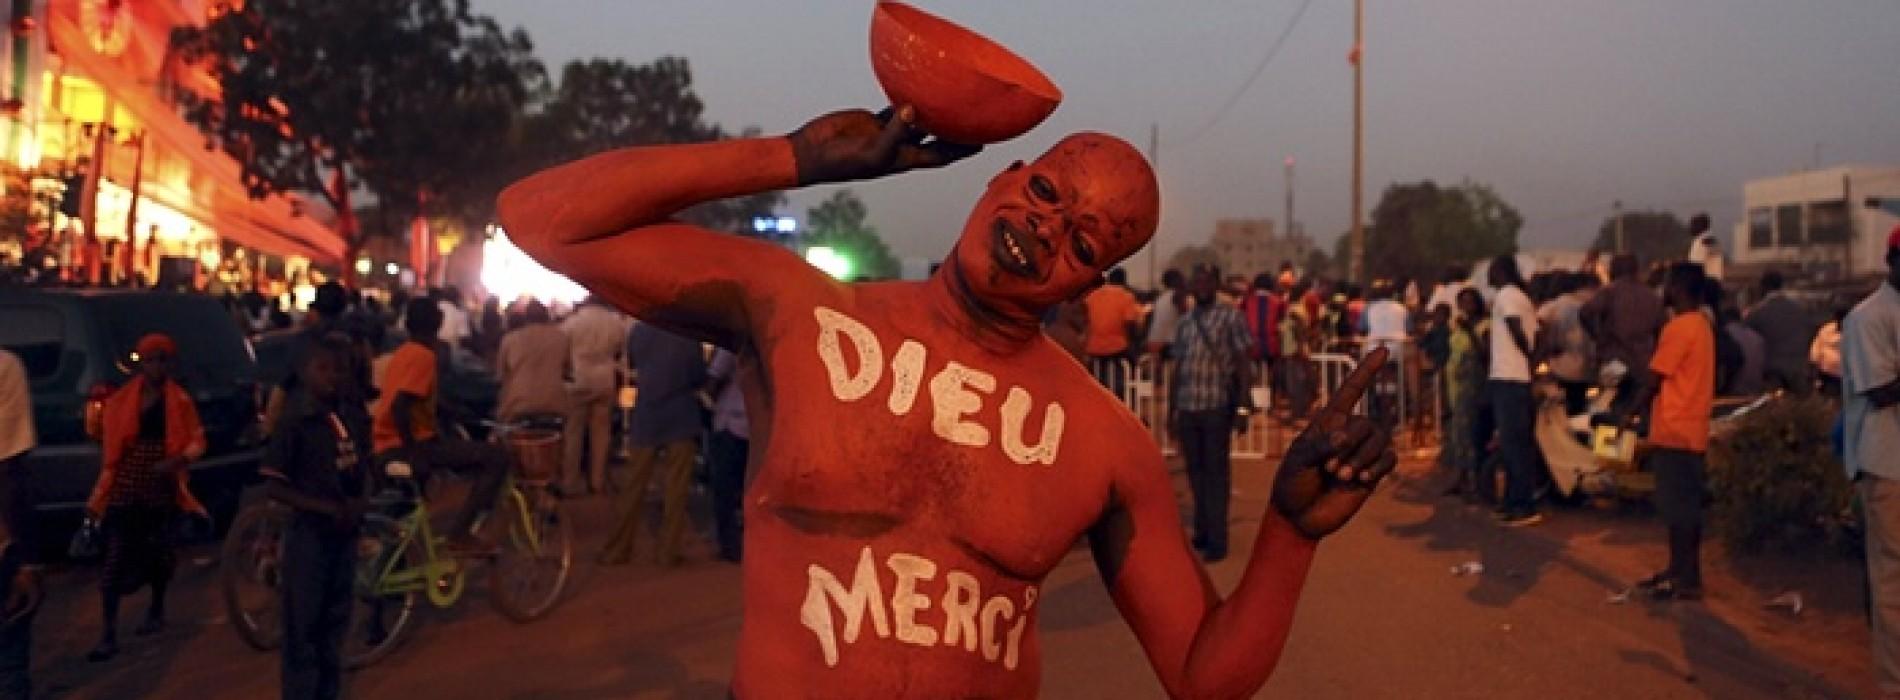 Il 2015 in Africa, Bye-Bye Ebola, benvenuta Democrazia